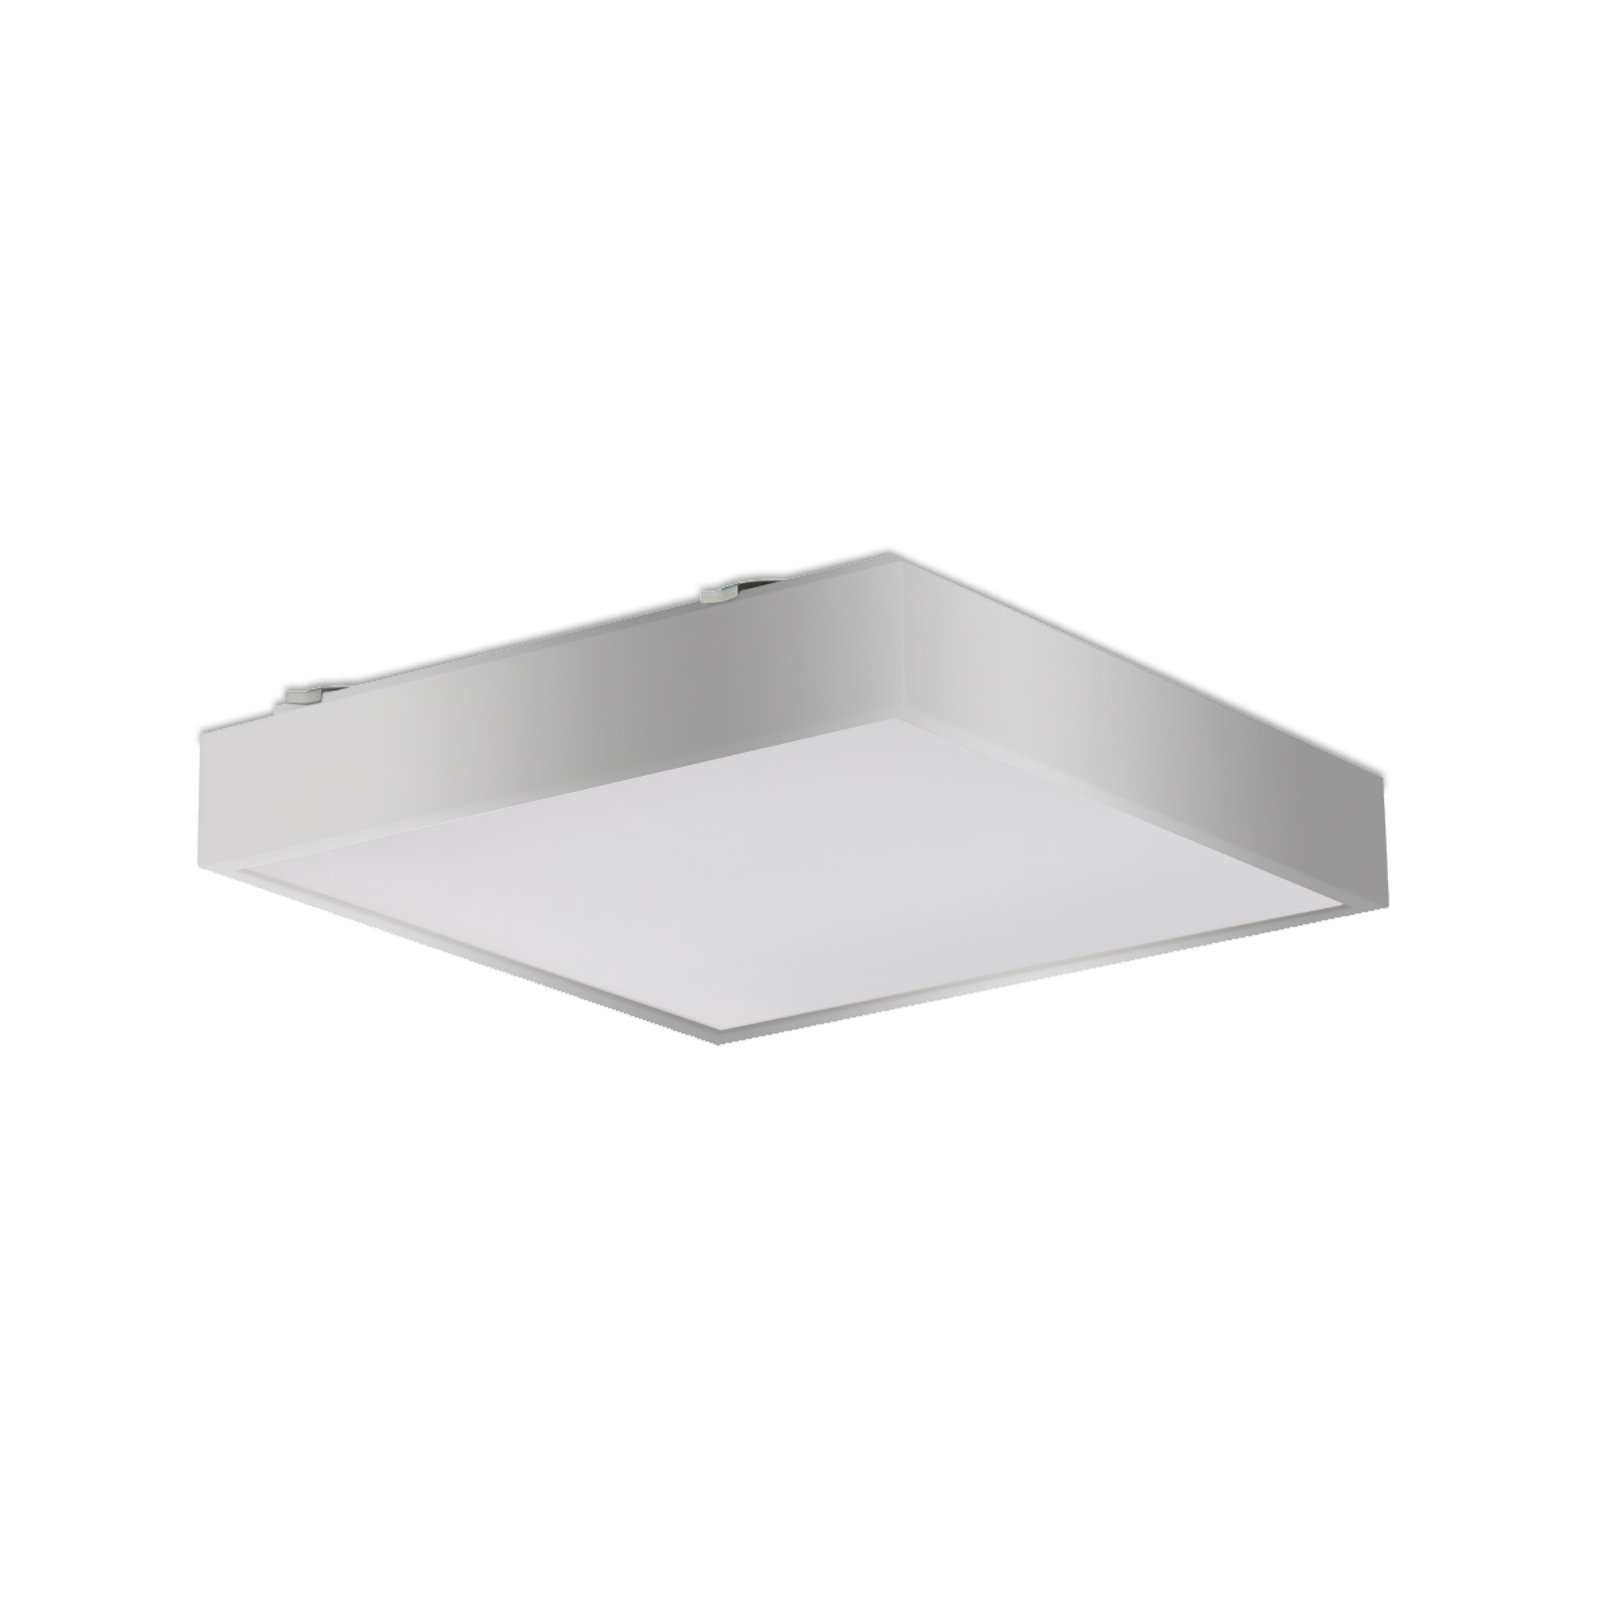 Q4 - LED-taklampe i sølv DALI